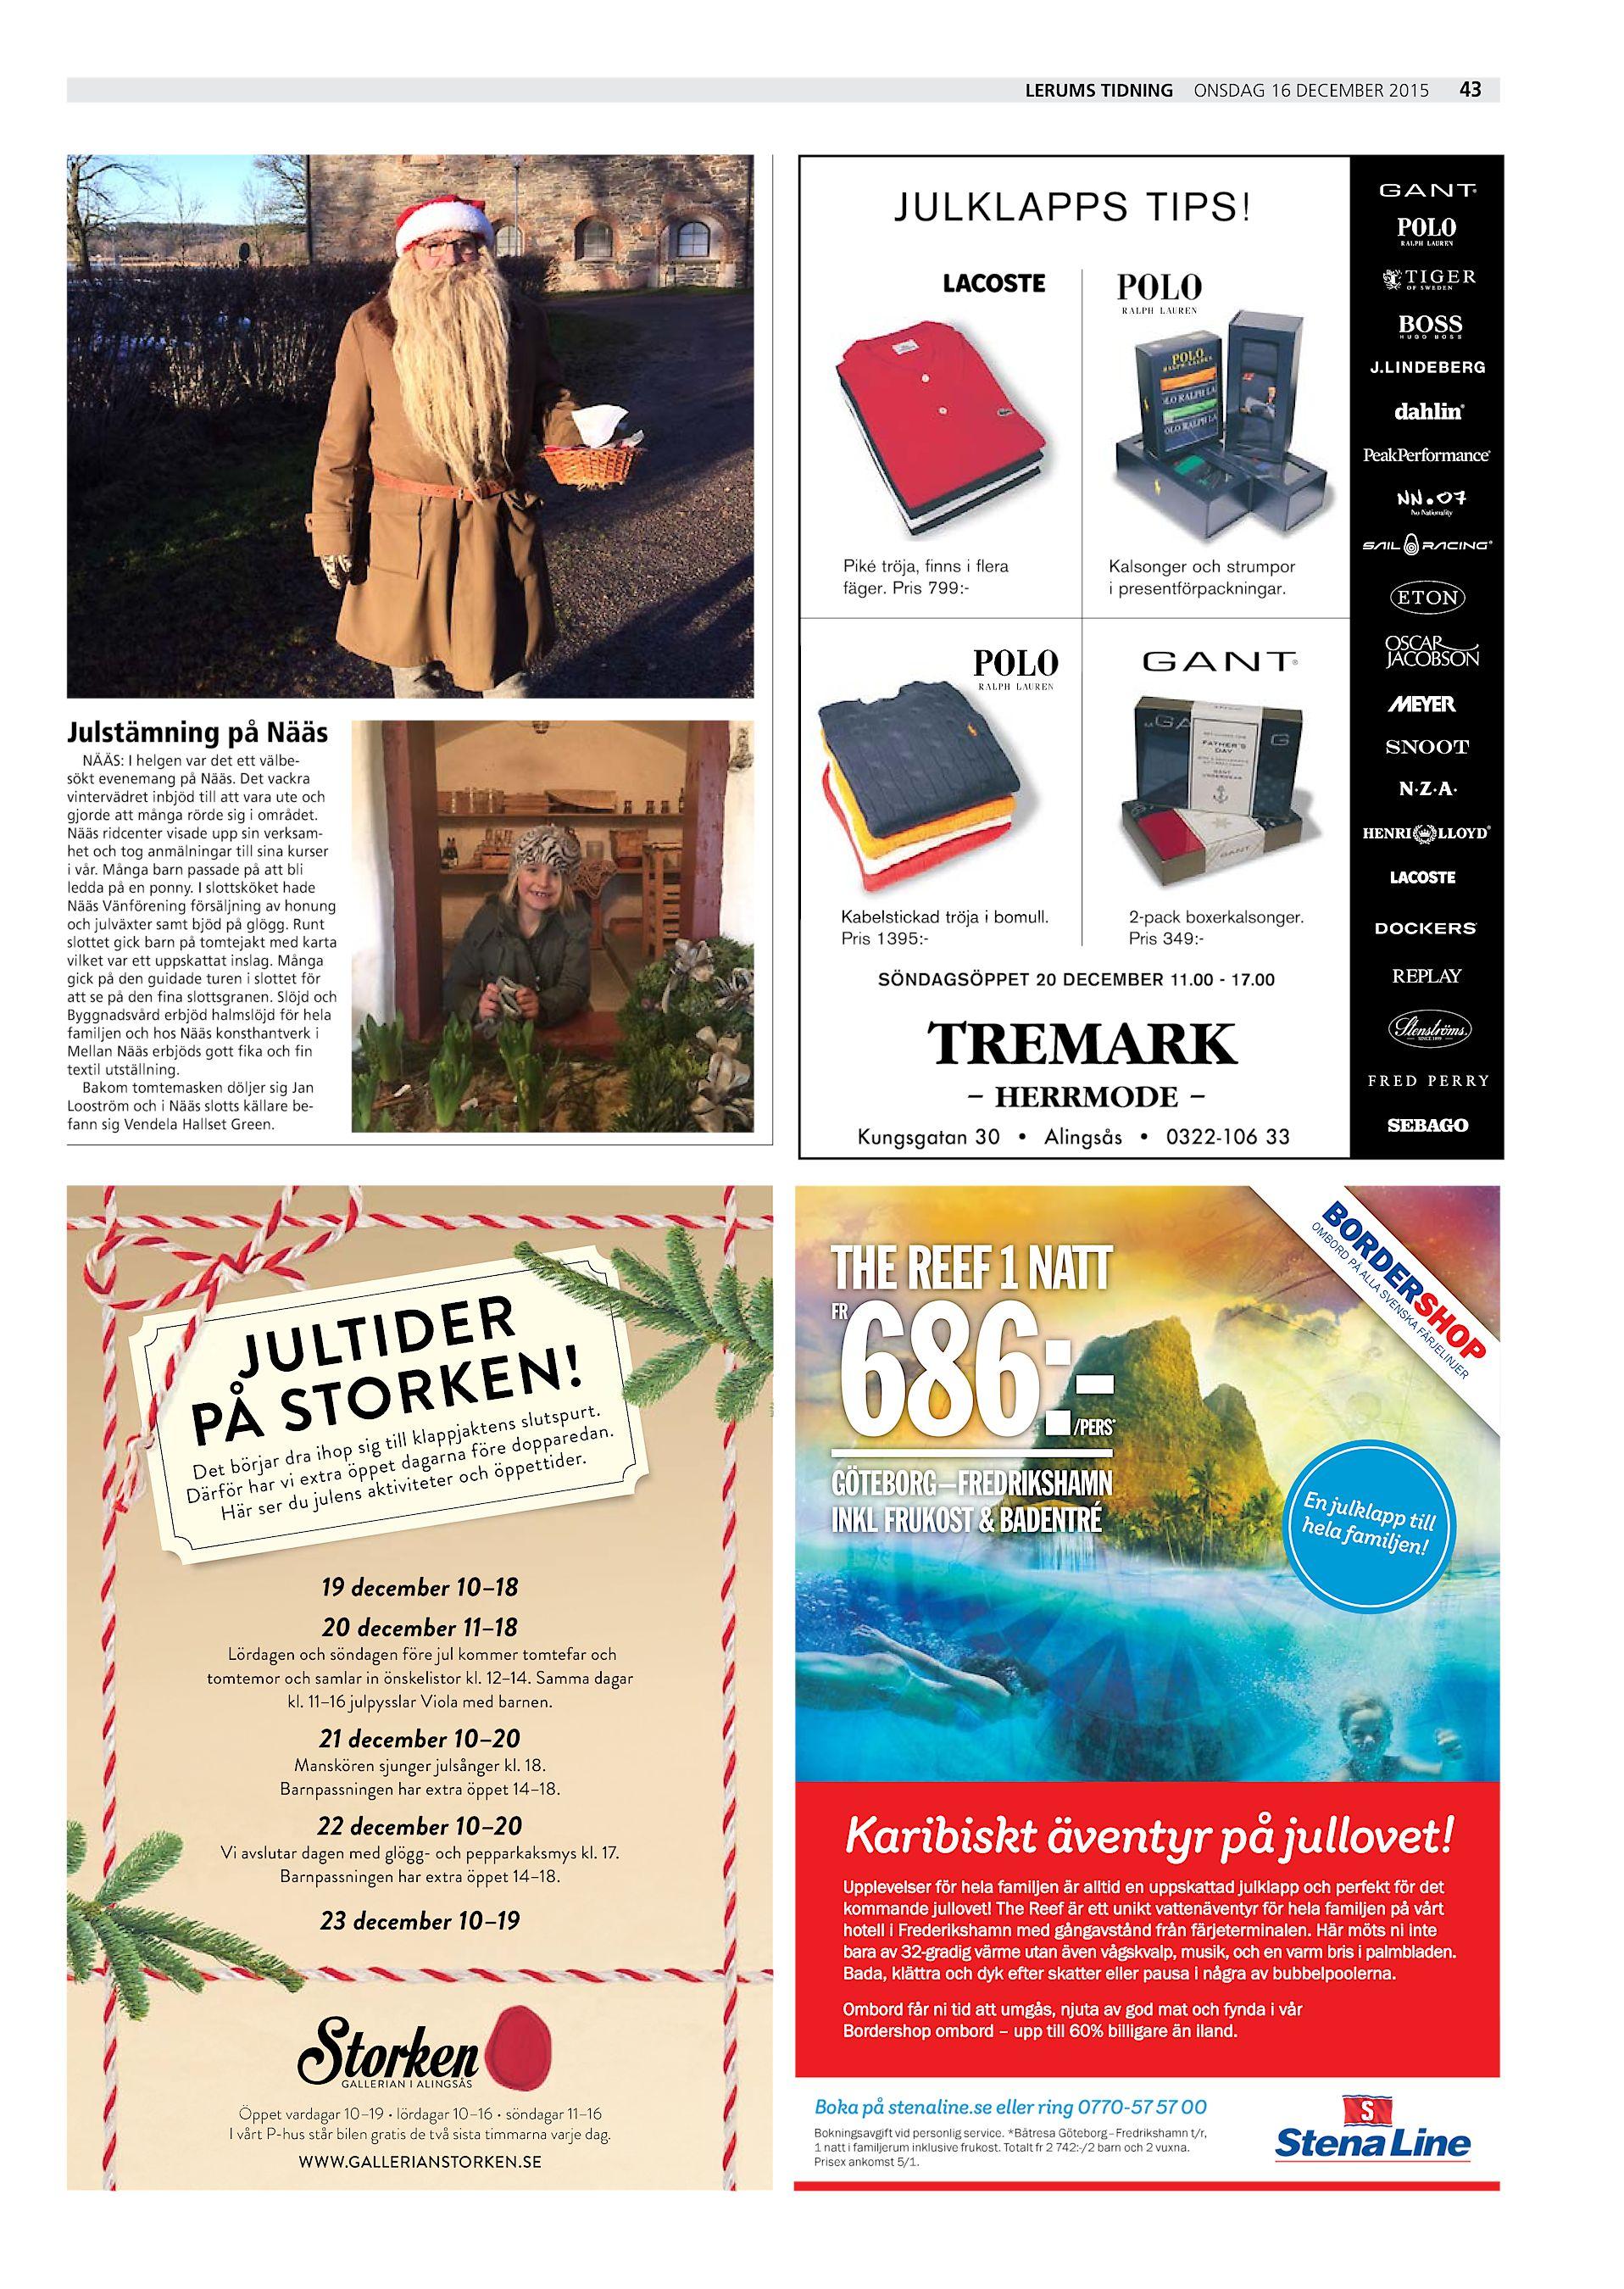 b11e9a4e65b Lerums Tidning 43 onsdag 16 december 2015 JULKLAPPS TIPS! Piké tröja, finns  i flera fäger. Pris 799:- Kalsonger och strumpor i presentförpackningar.